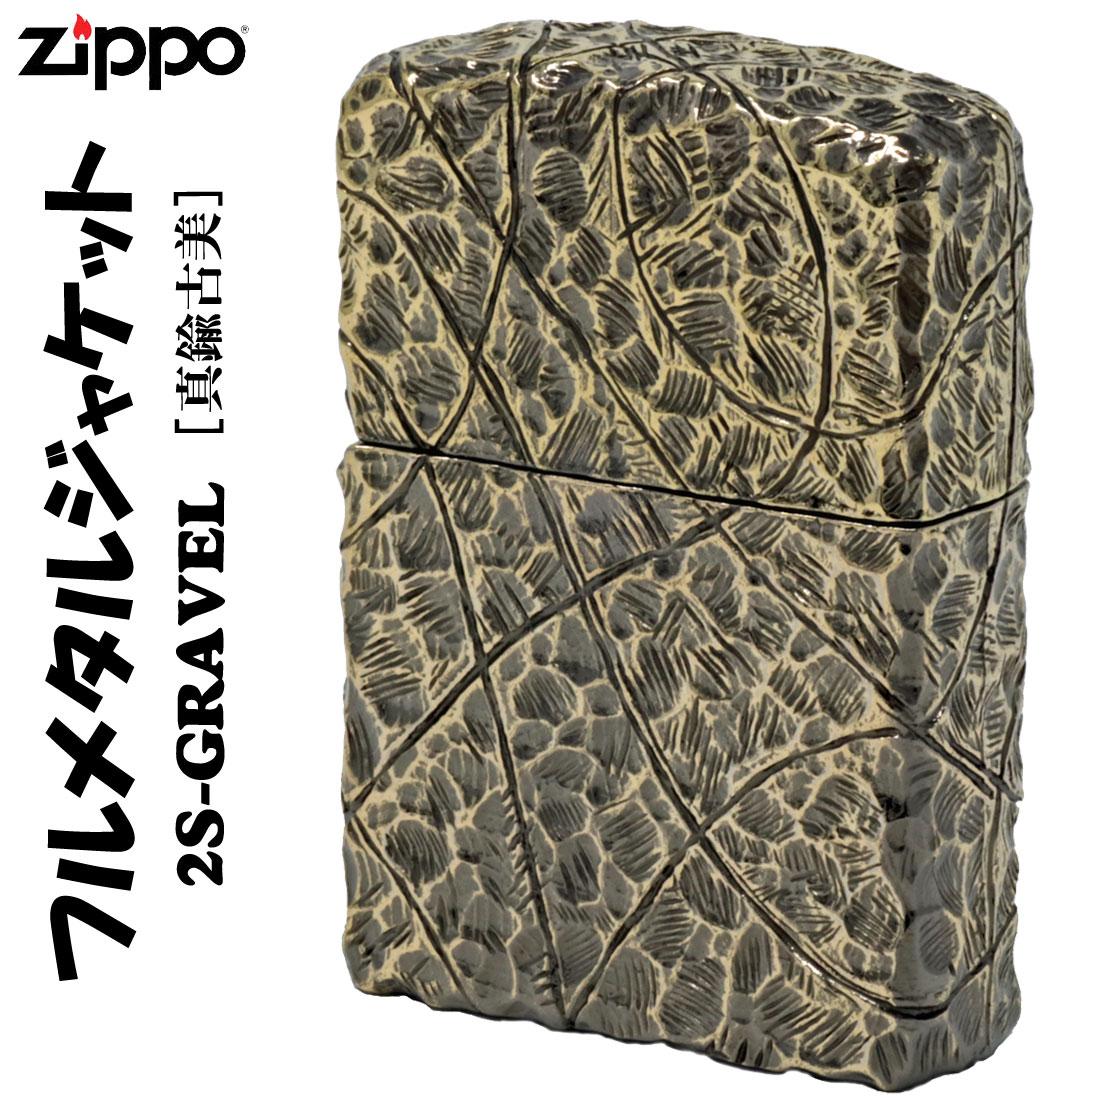 (キャッシュレス5%還元)zippo ジッポーライター フルメタルジャケット ジッポ GRAVEL(砂利)模様 真鍮古美 2S-GRAVEL【ネコポス対応】